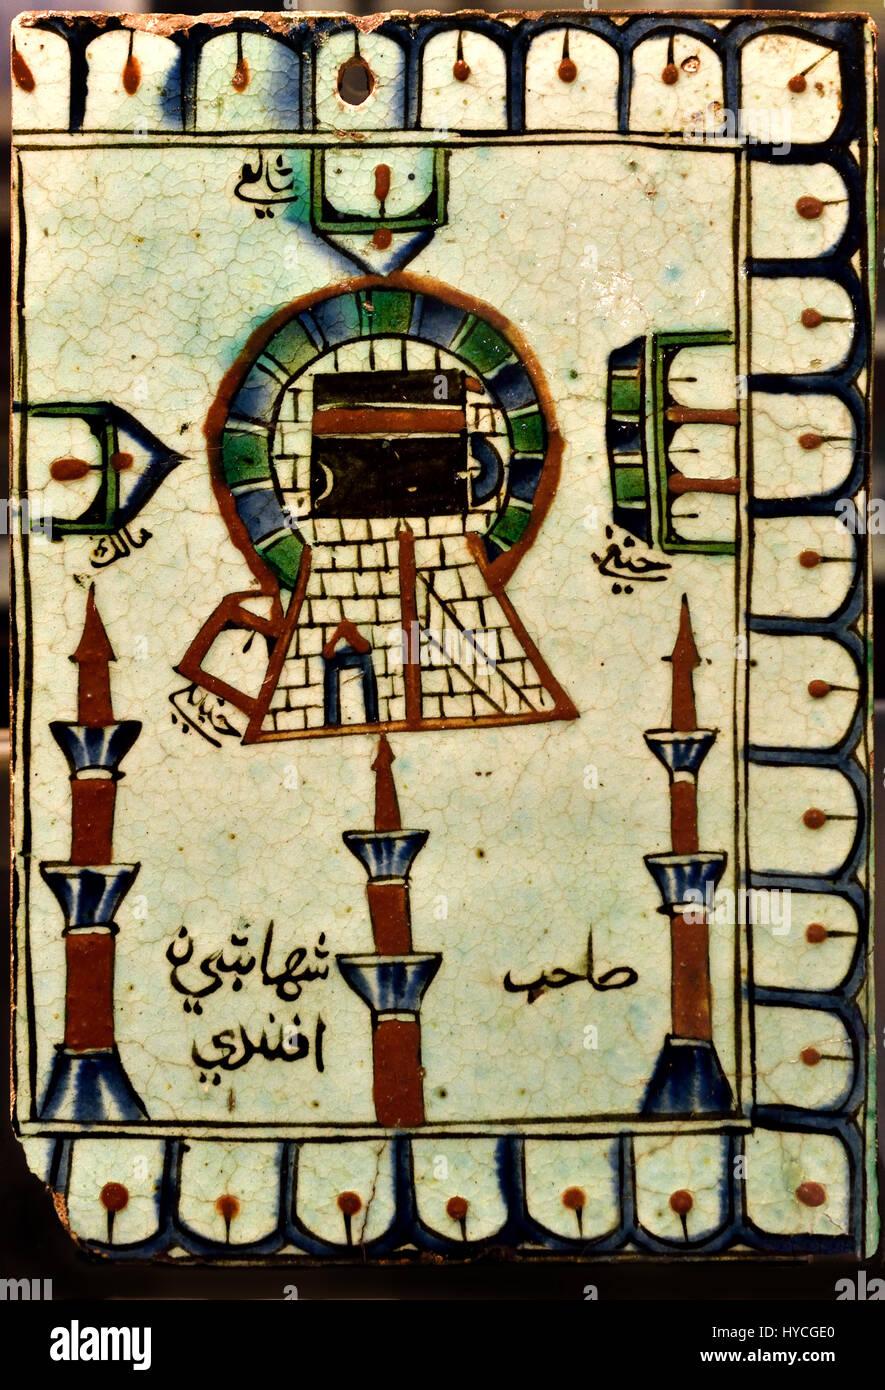 Diese Fliese zeigt Haram al-Sharif bei Makka (Mekka), mit der Kaaba im Mittelpunkt (es gibt auch den Namen des Besitzers, Stockbild